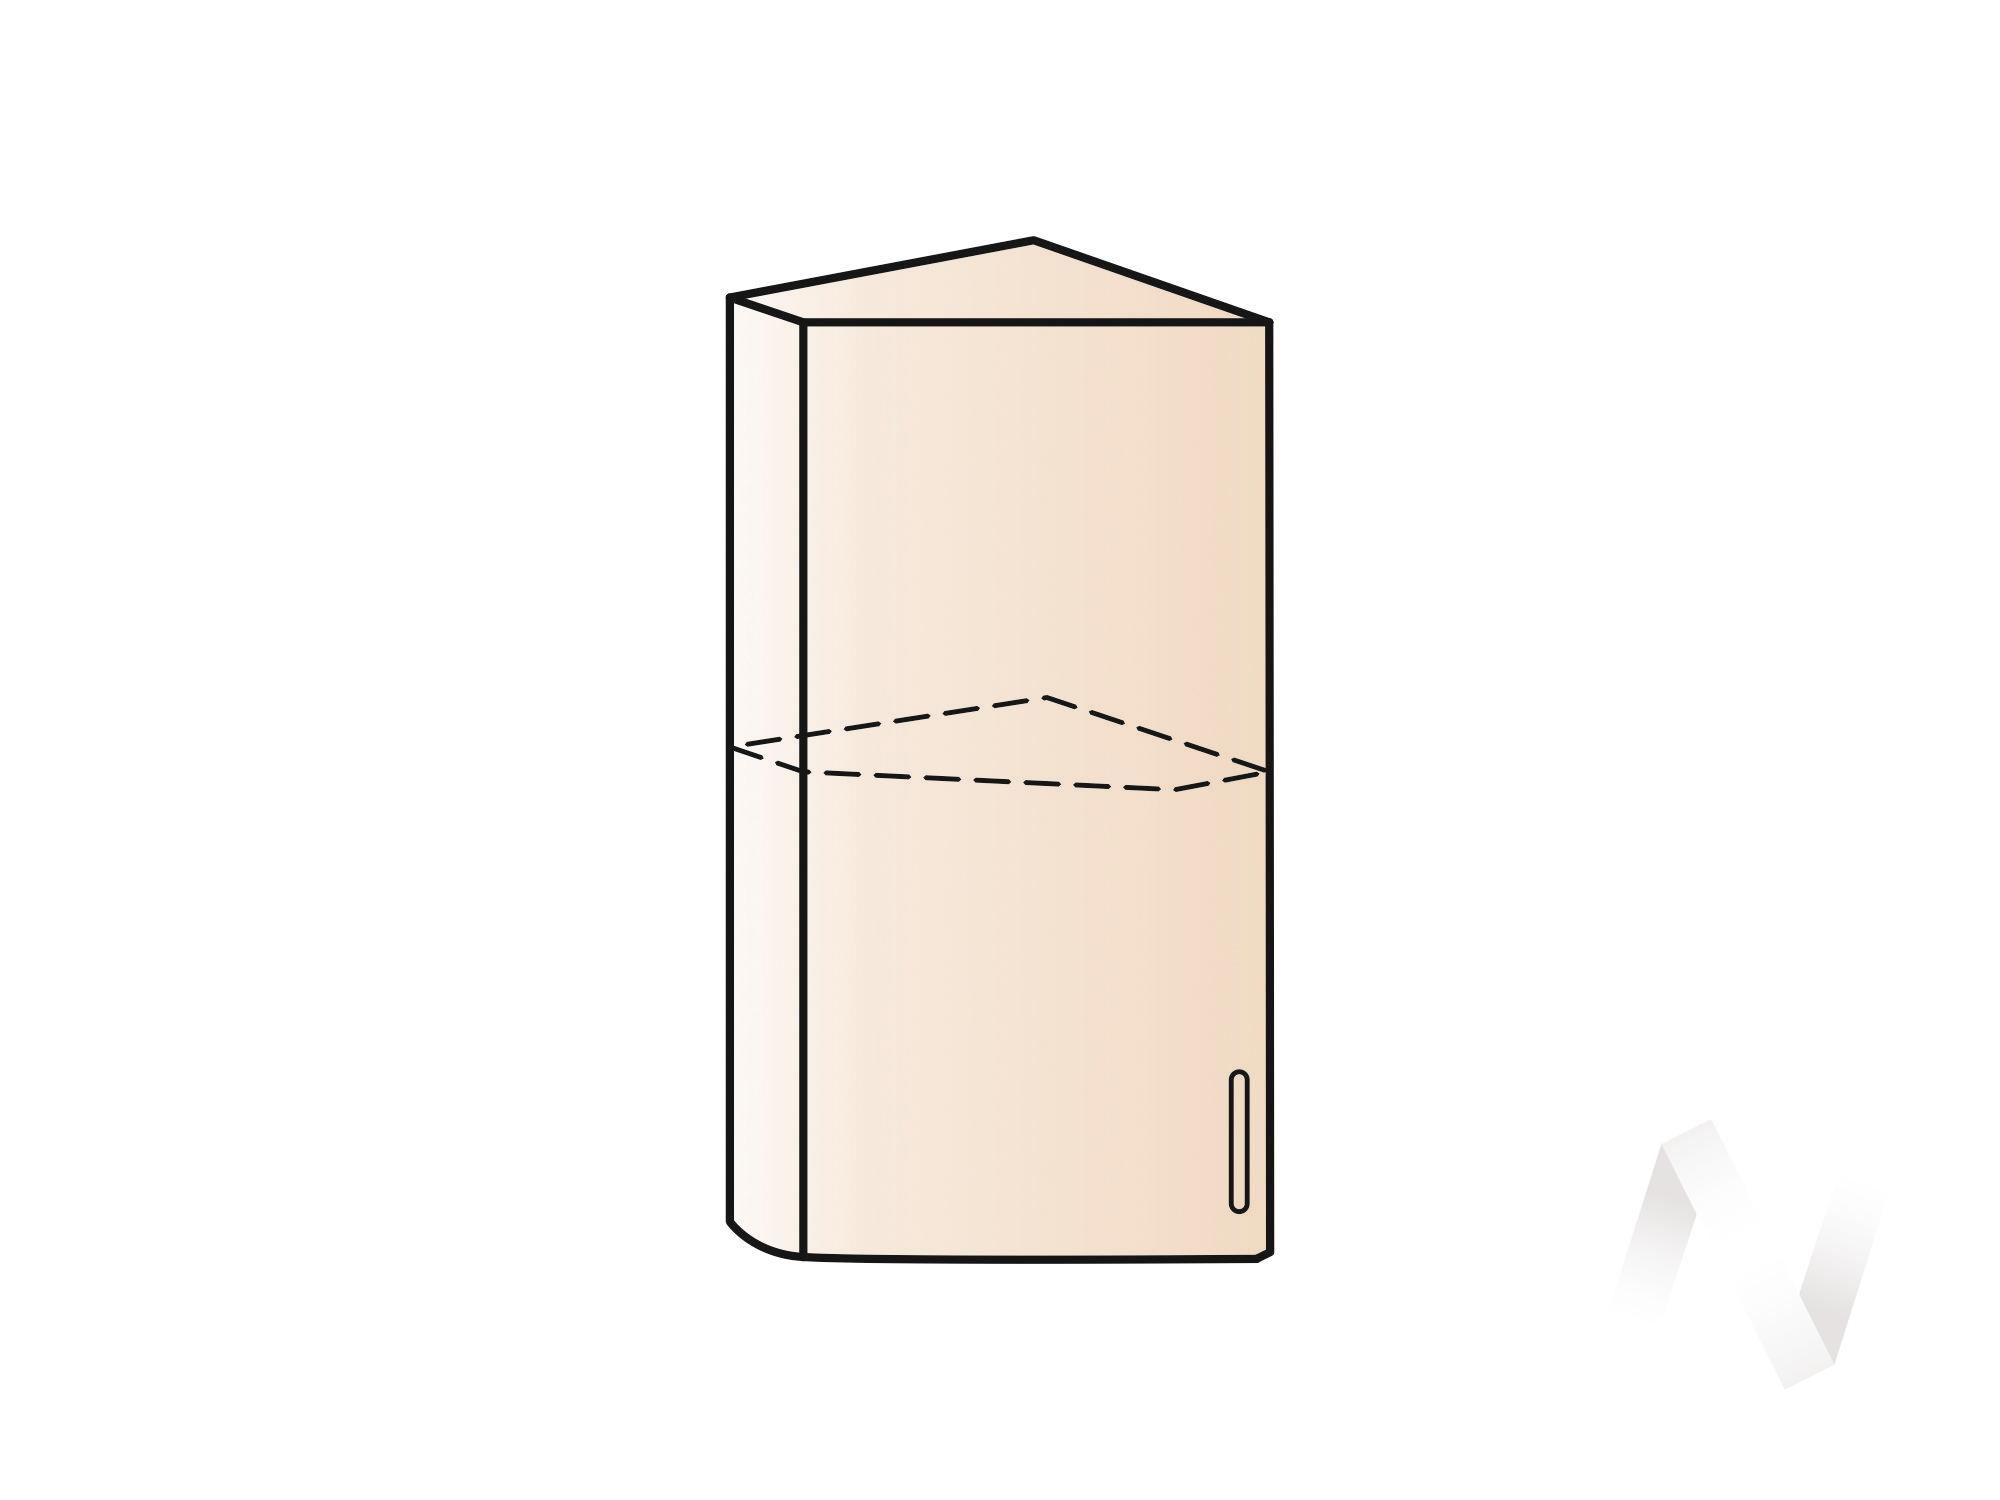 """Кухня """"Струна"""": Шкаф верхний торцевой 224, ШВТ 224 (белый металлик/корпус белый) в Новосибирске в интернет-магазине мебели kuhnya54.ru"""